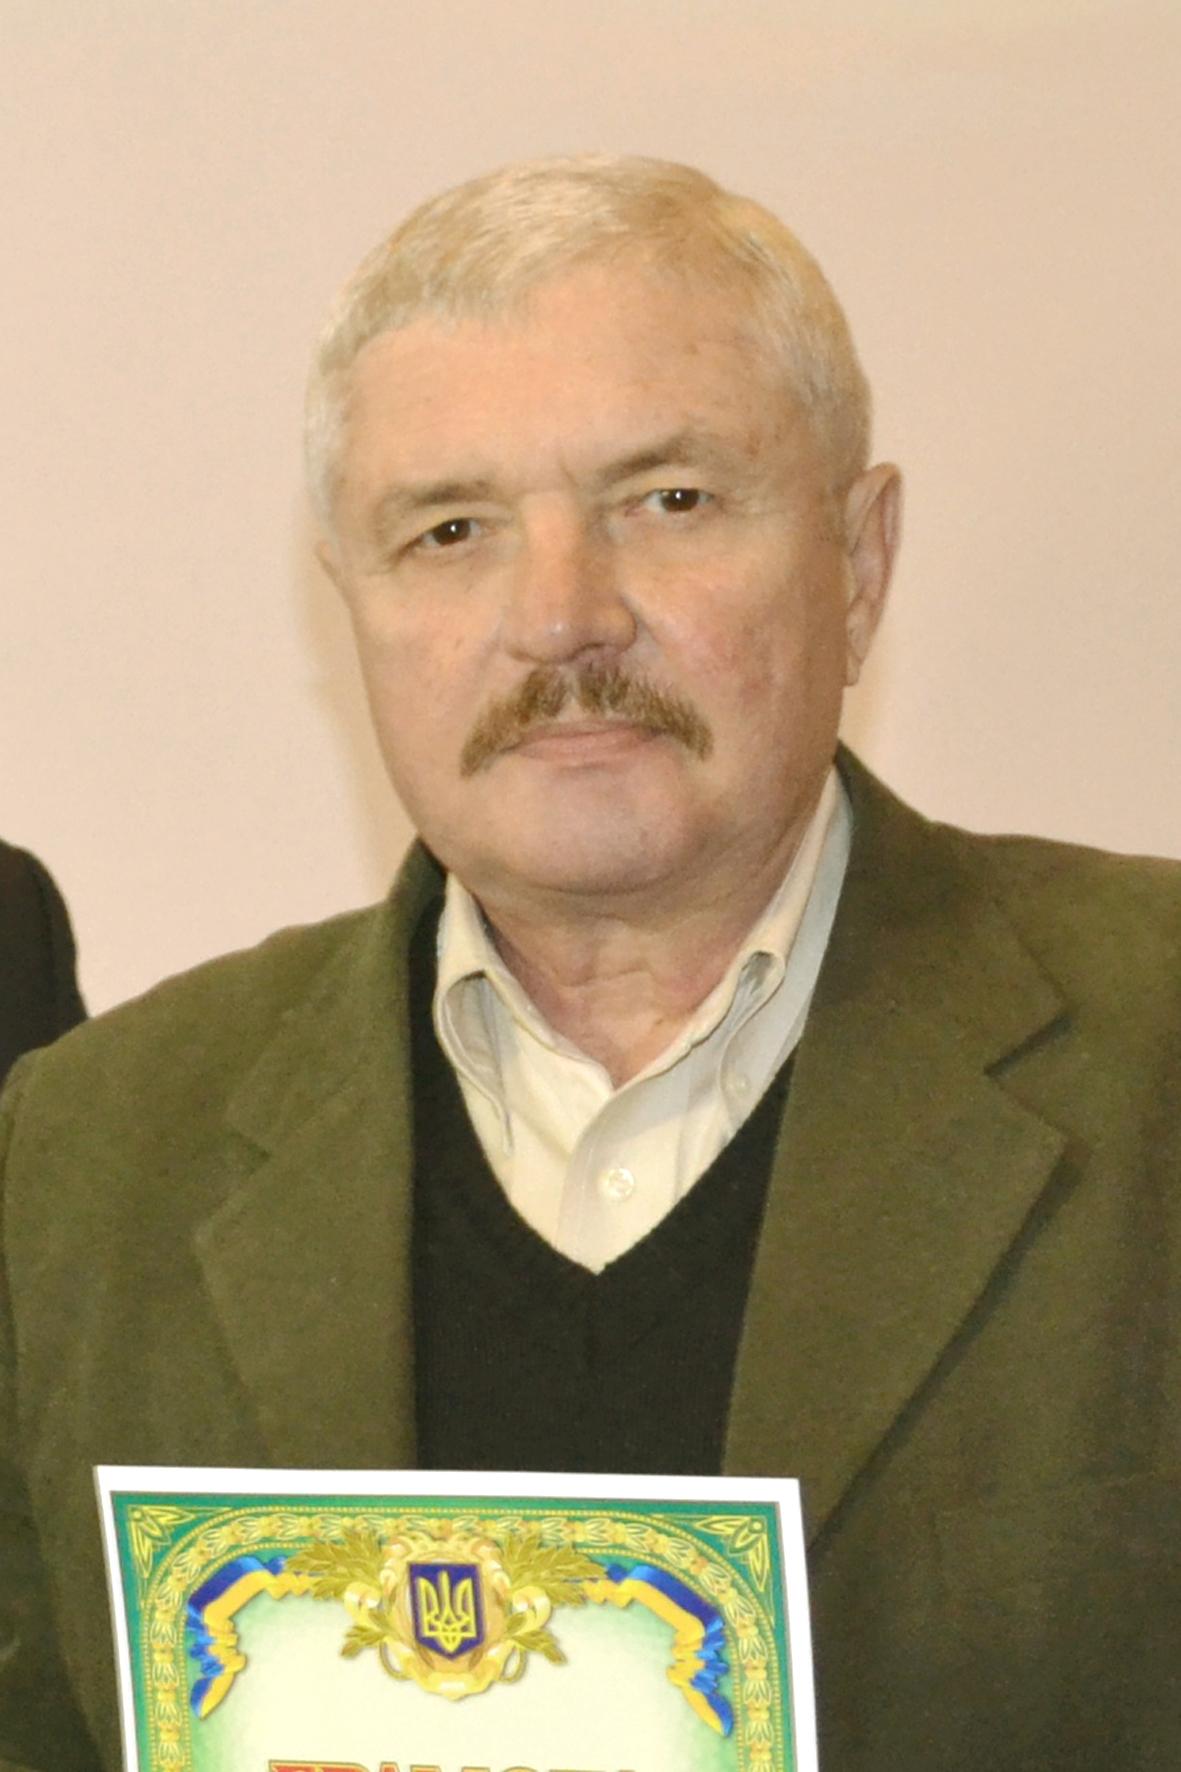 Довгаль Володимир Володимирович